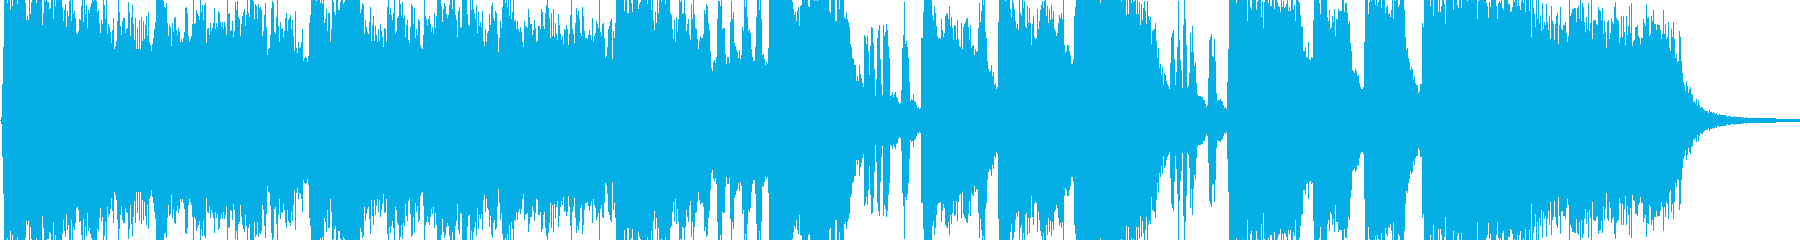 開会式を想定した華やかなファンファーレ…の再生済みの波形